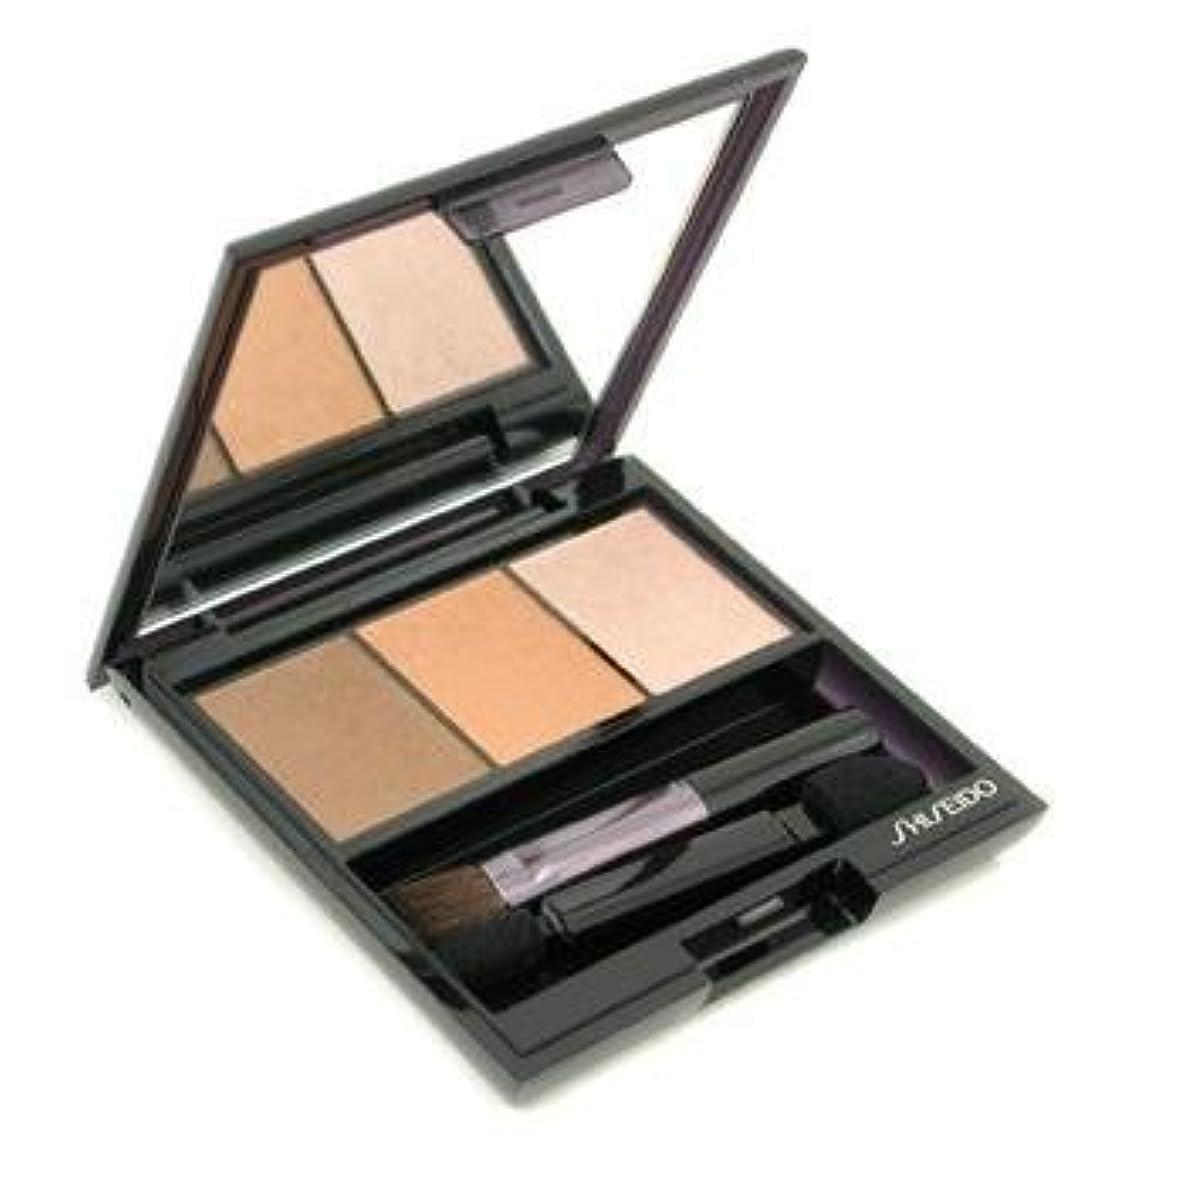 トピック立場で資生堂 ルミナイジング サテン アイカラー トリオ BR209(Shiseido Luminizing Satin Eye Color Trio BR209) [並行輸入品]